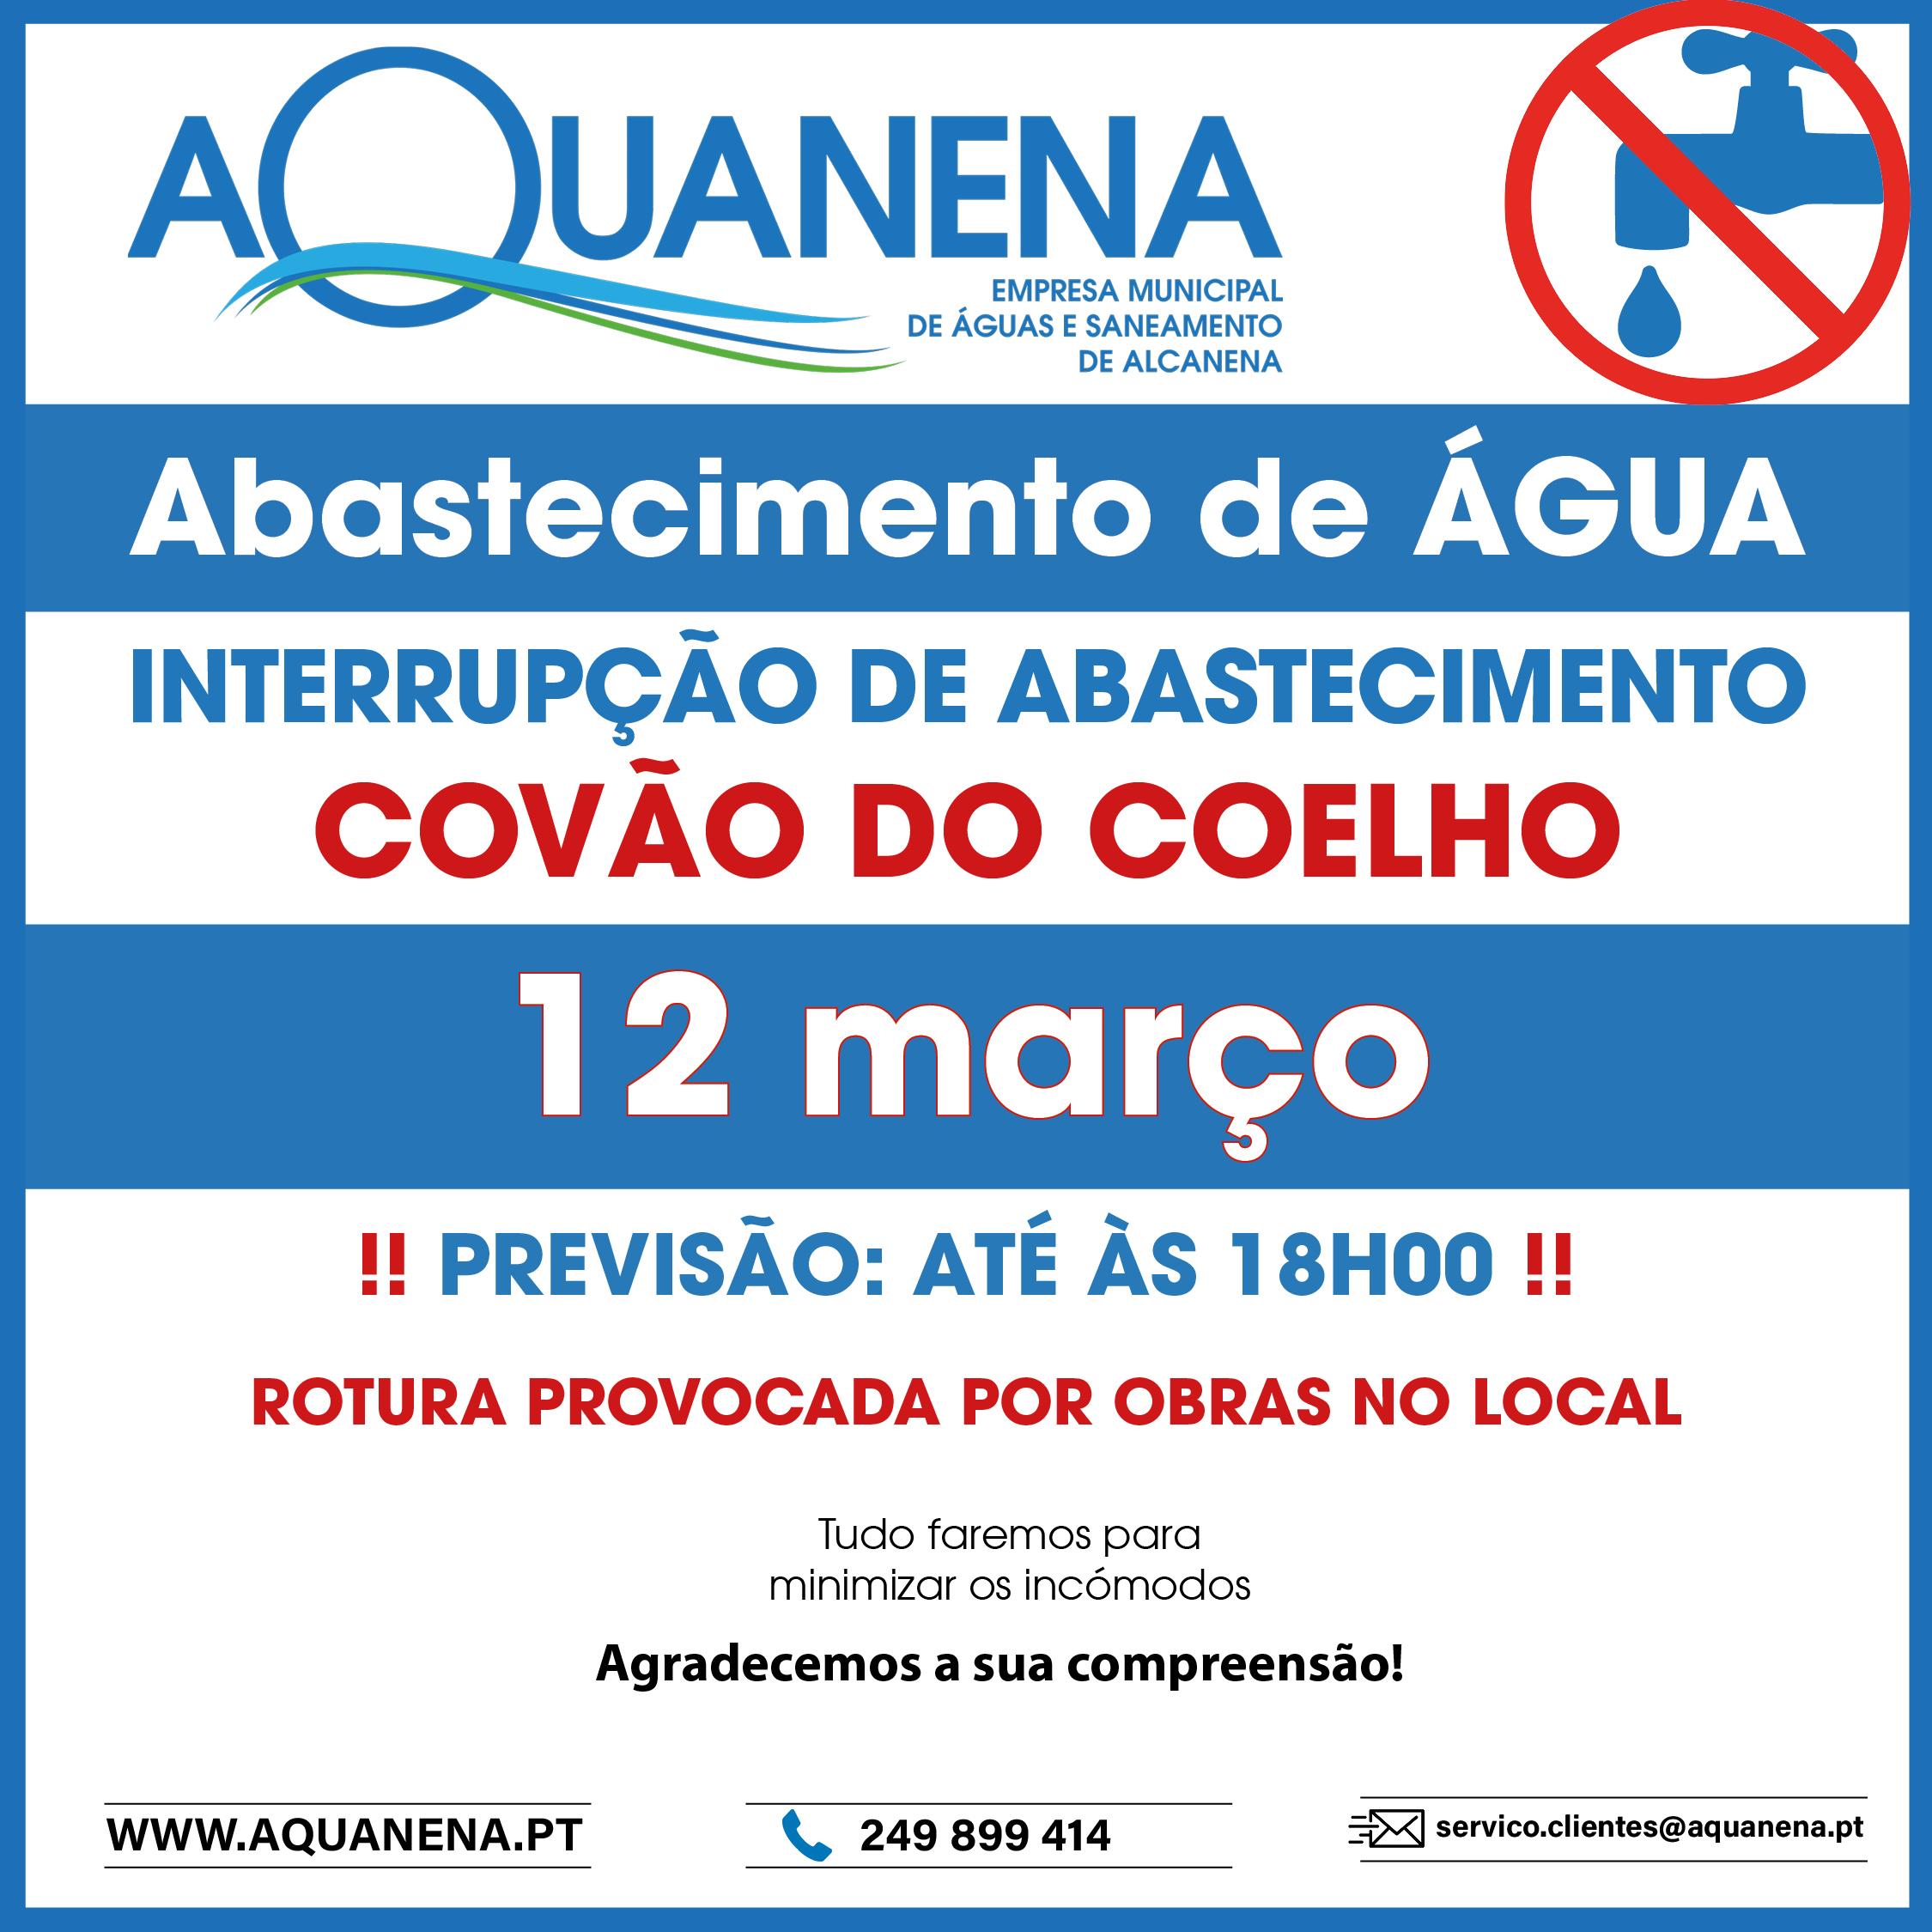 INTERRUPÇÃO de abastecimento de água em COVÃO DO COELHO | 12 MAR